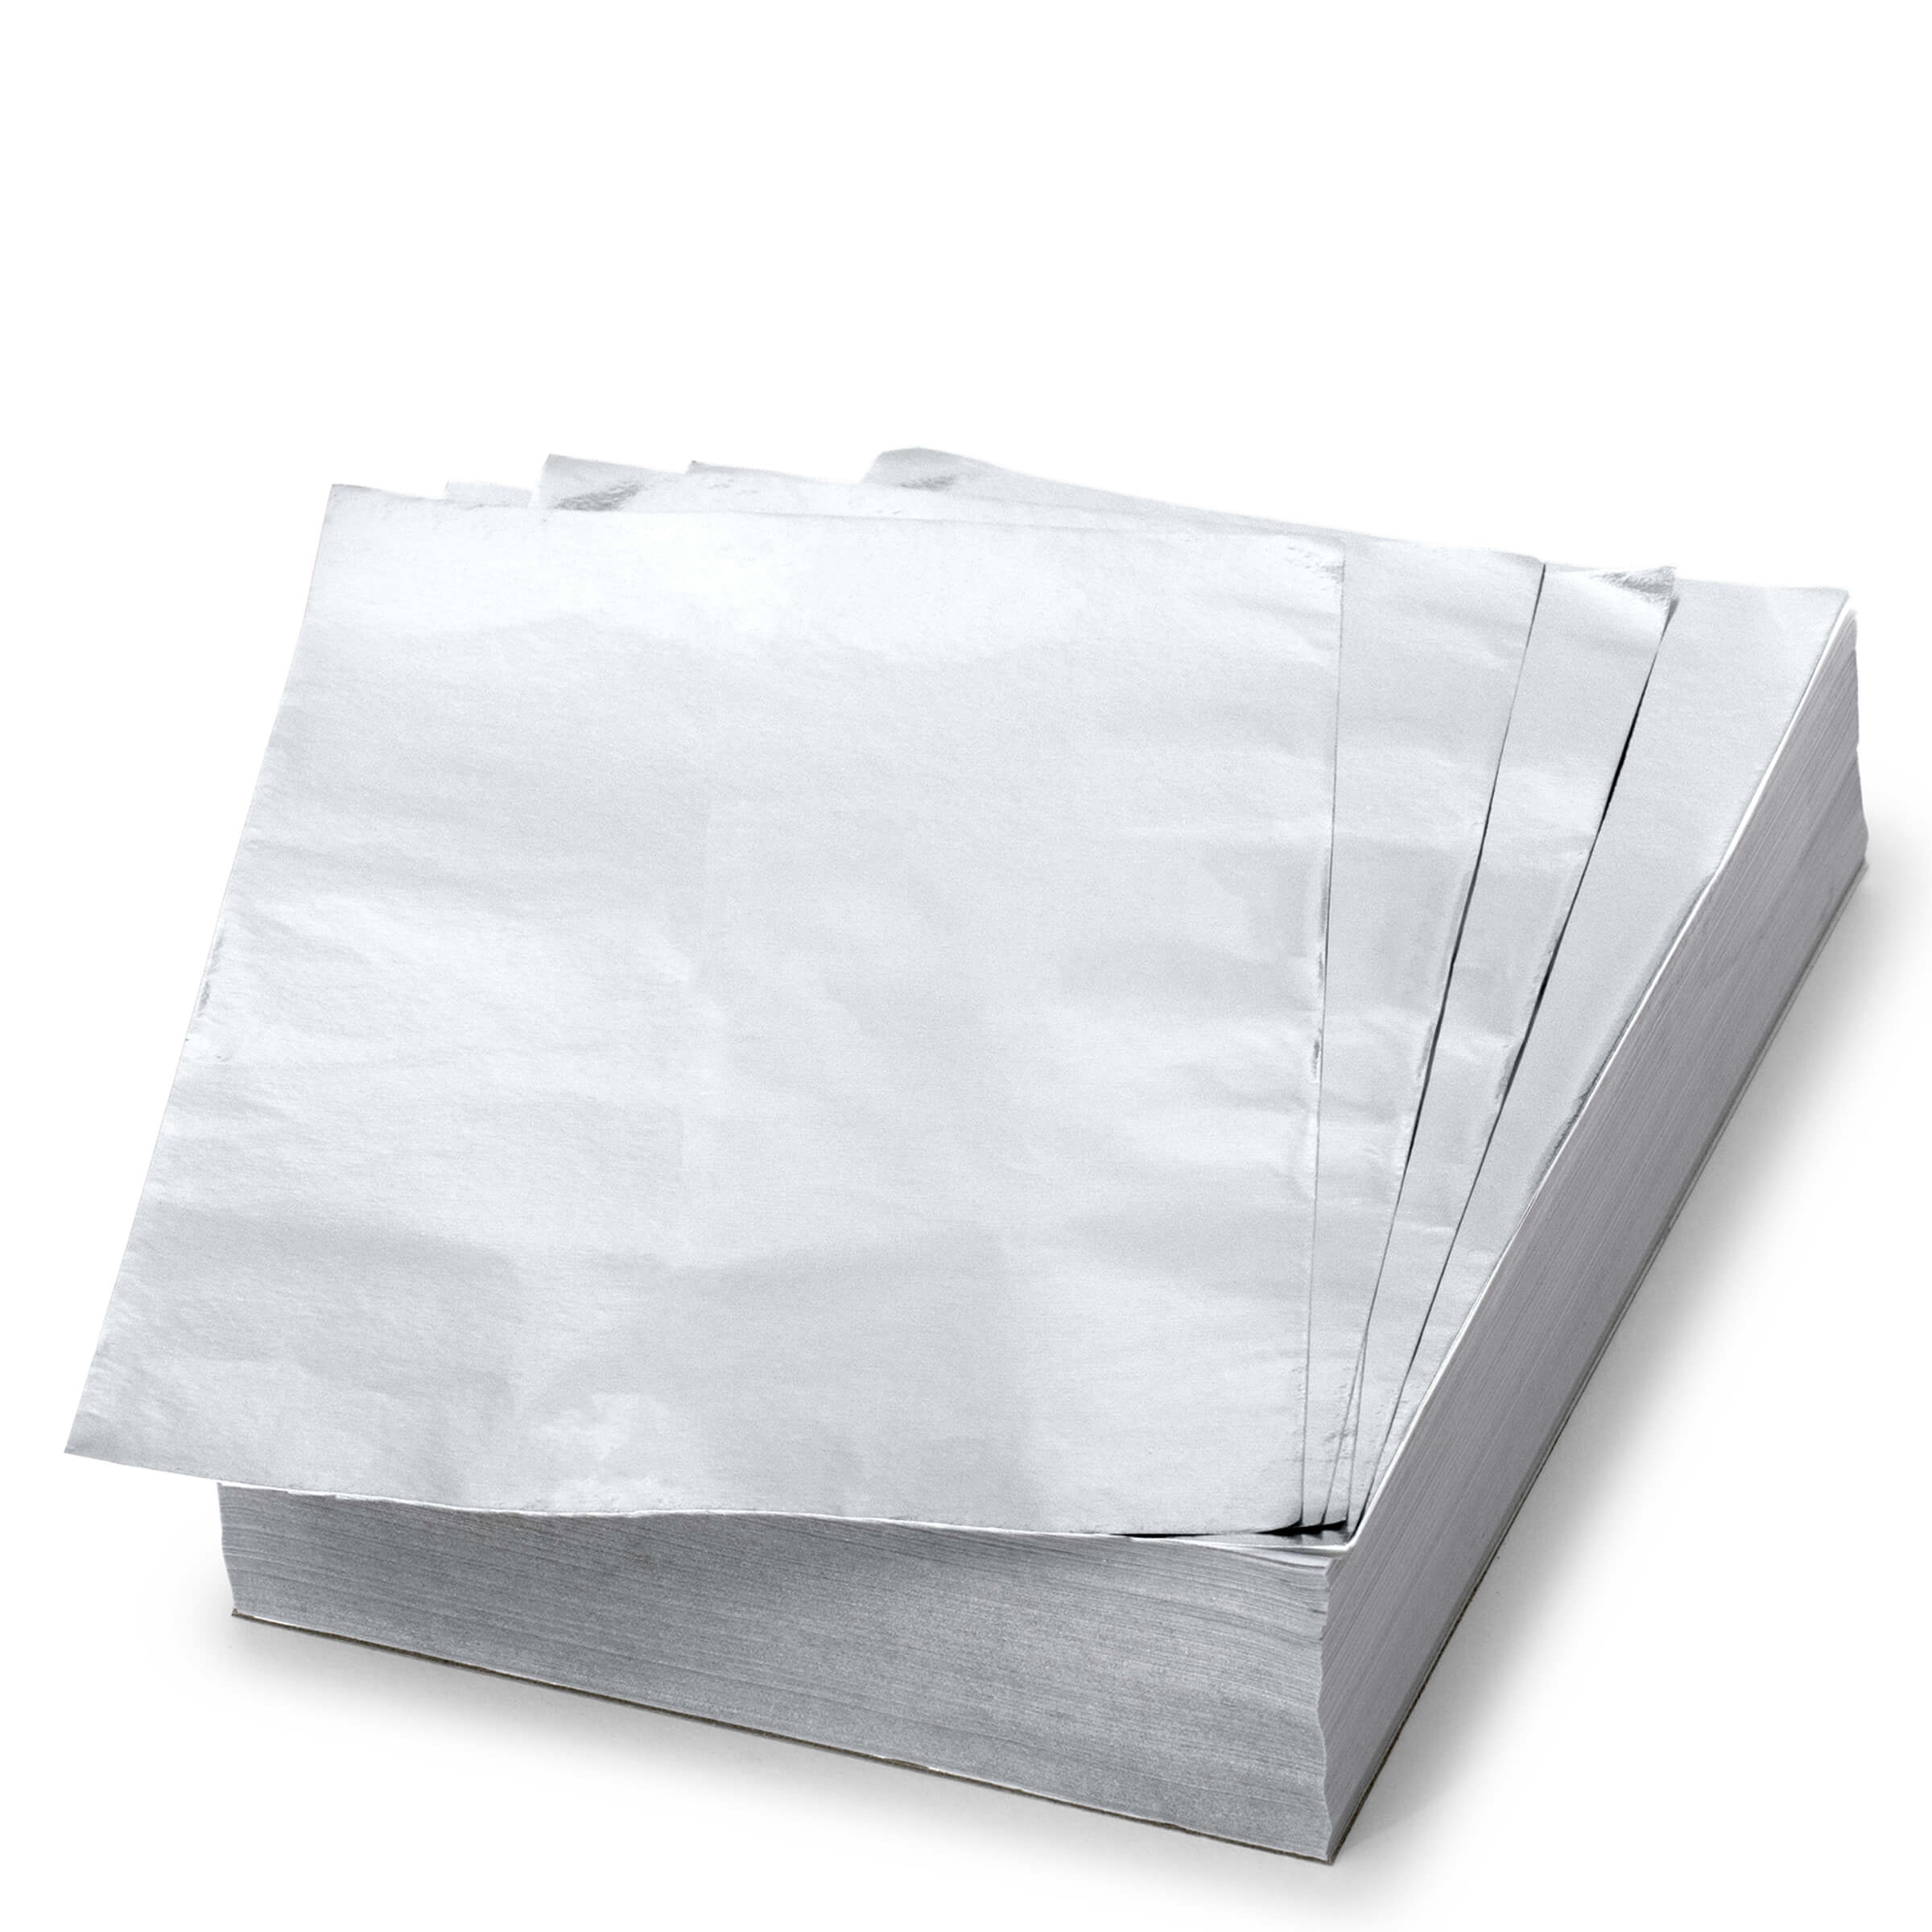 AL-58-100-a-5x8-smooth-foil-x-heavy-silver-l.jpg